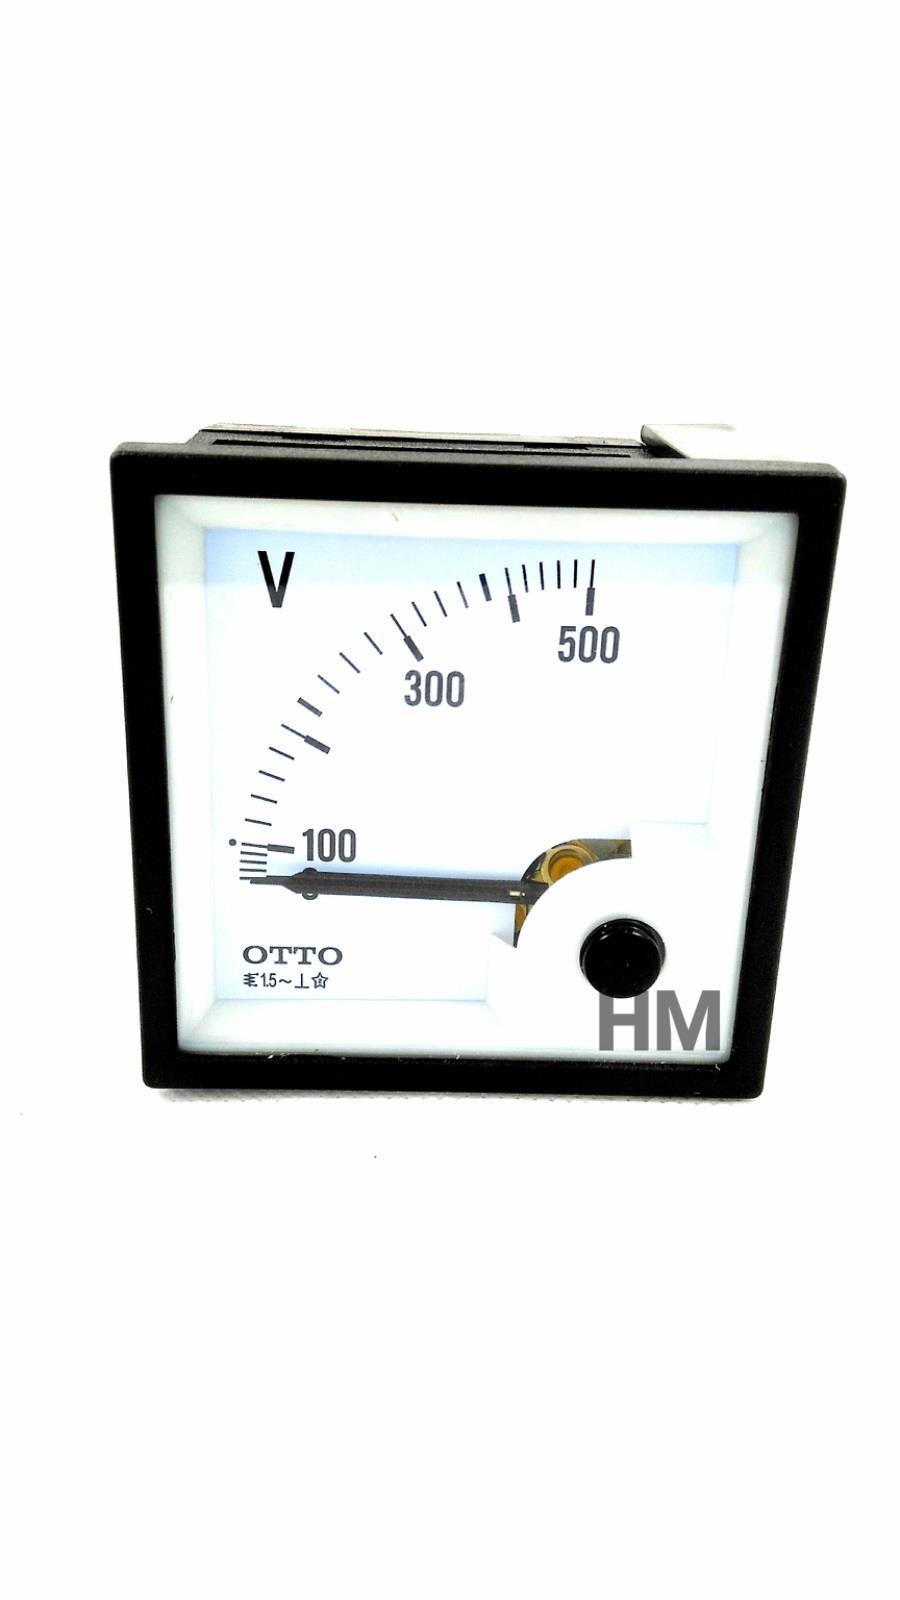 Jual Pengukur Listrik Distributor Beli Supplier Eksportir Tang Ampere Sanwa Ac Dc Dcm2000ad Volt Meter Otto 500v